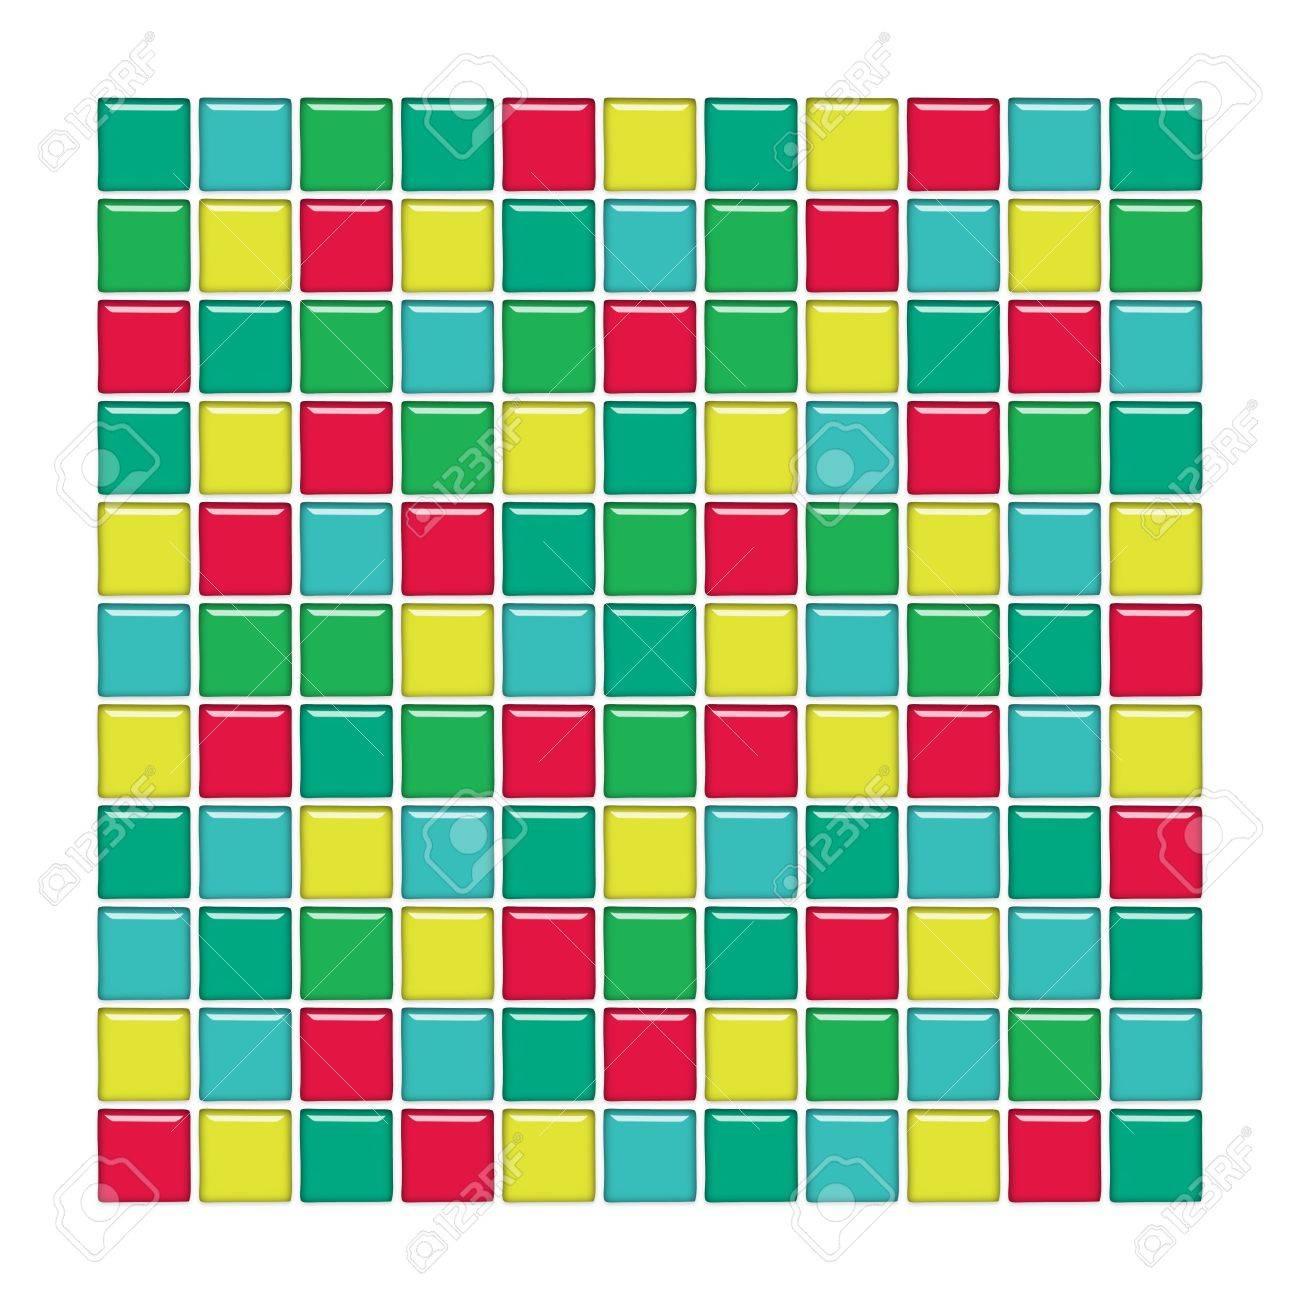 Badezimmer Wand Mit Blauen, Grünen, Gelben Und Roten Glas Mosaik  Standard Bild